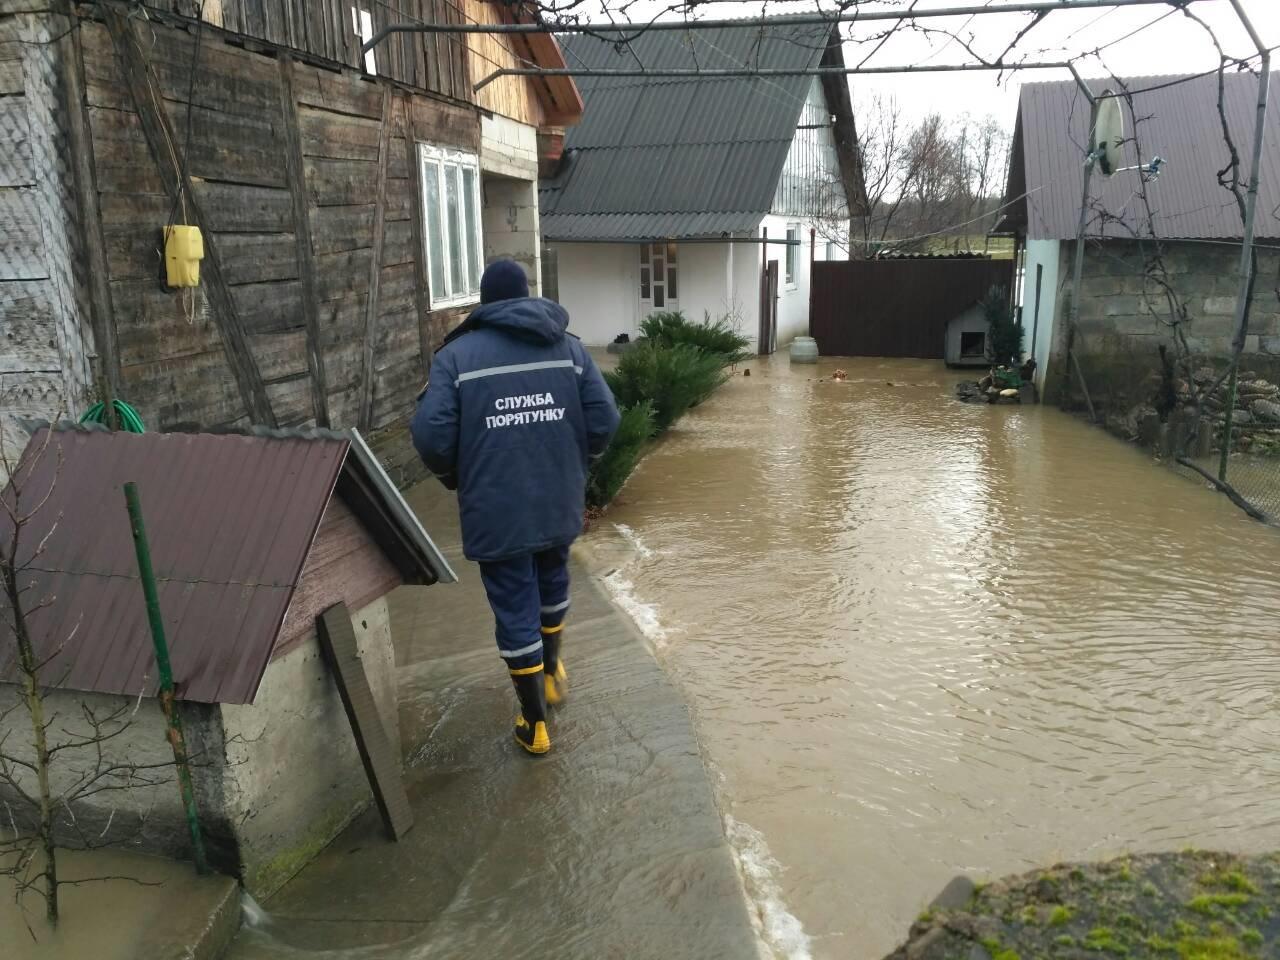 Закарпаття затопило: 490 гектарів сільгоспугідь, житлові помешкання та дороги під водою: фото, фото-3